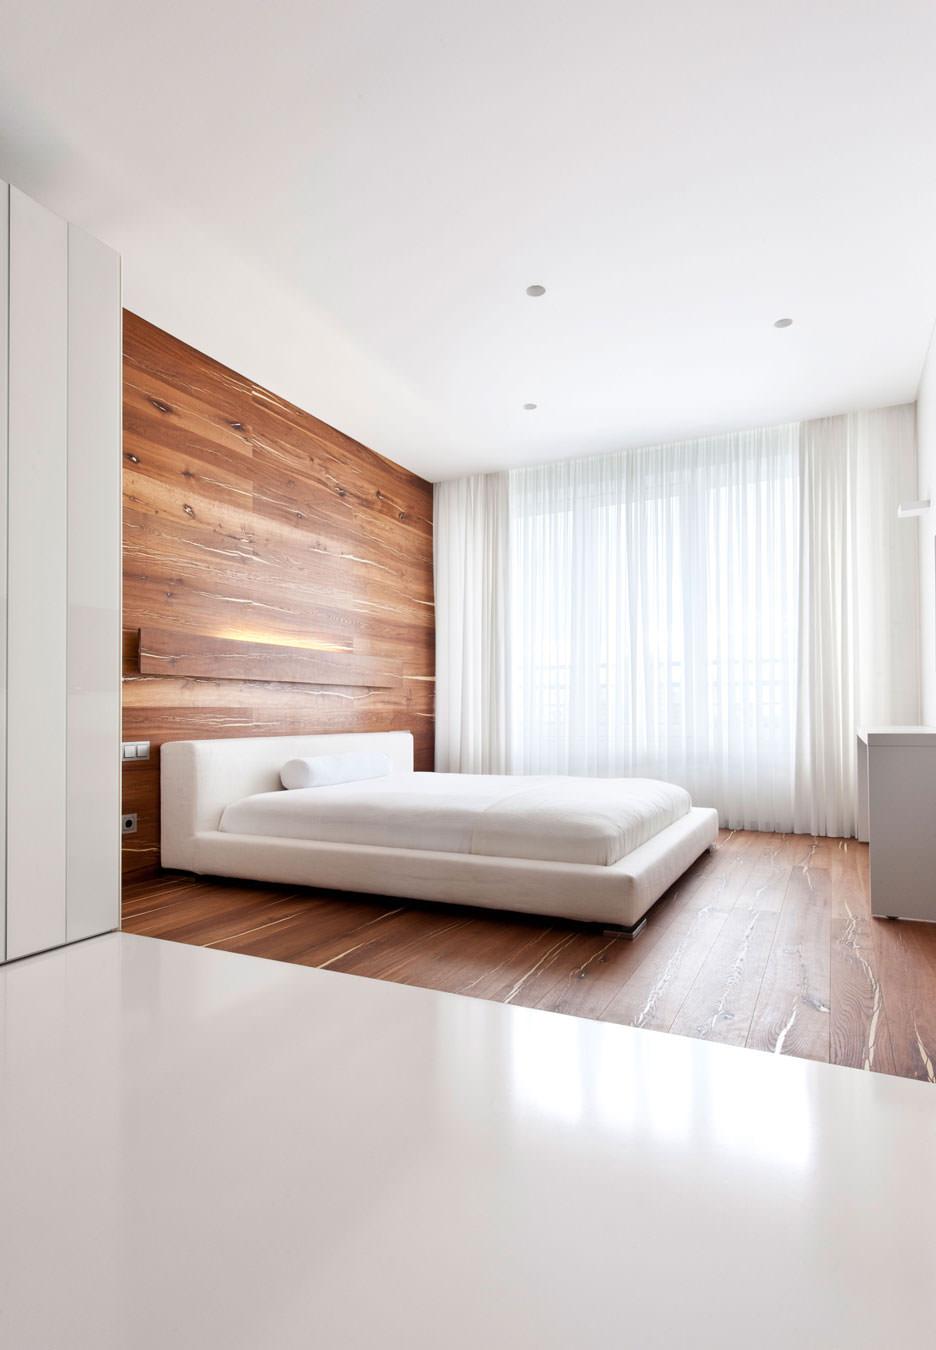 100 Idee Camere Da Letto Moderne Colori Illuminazione Arredo Camera Moderna Start Preventivi